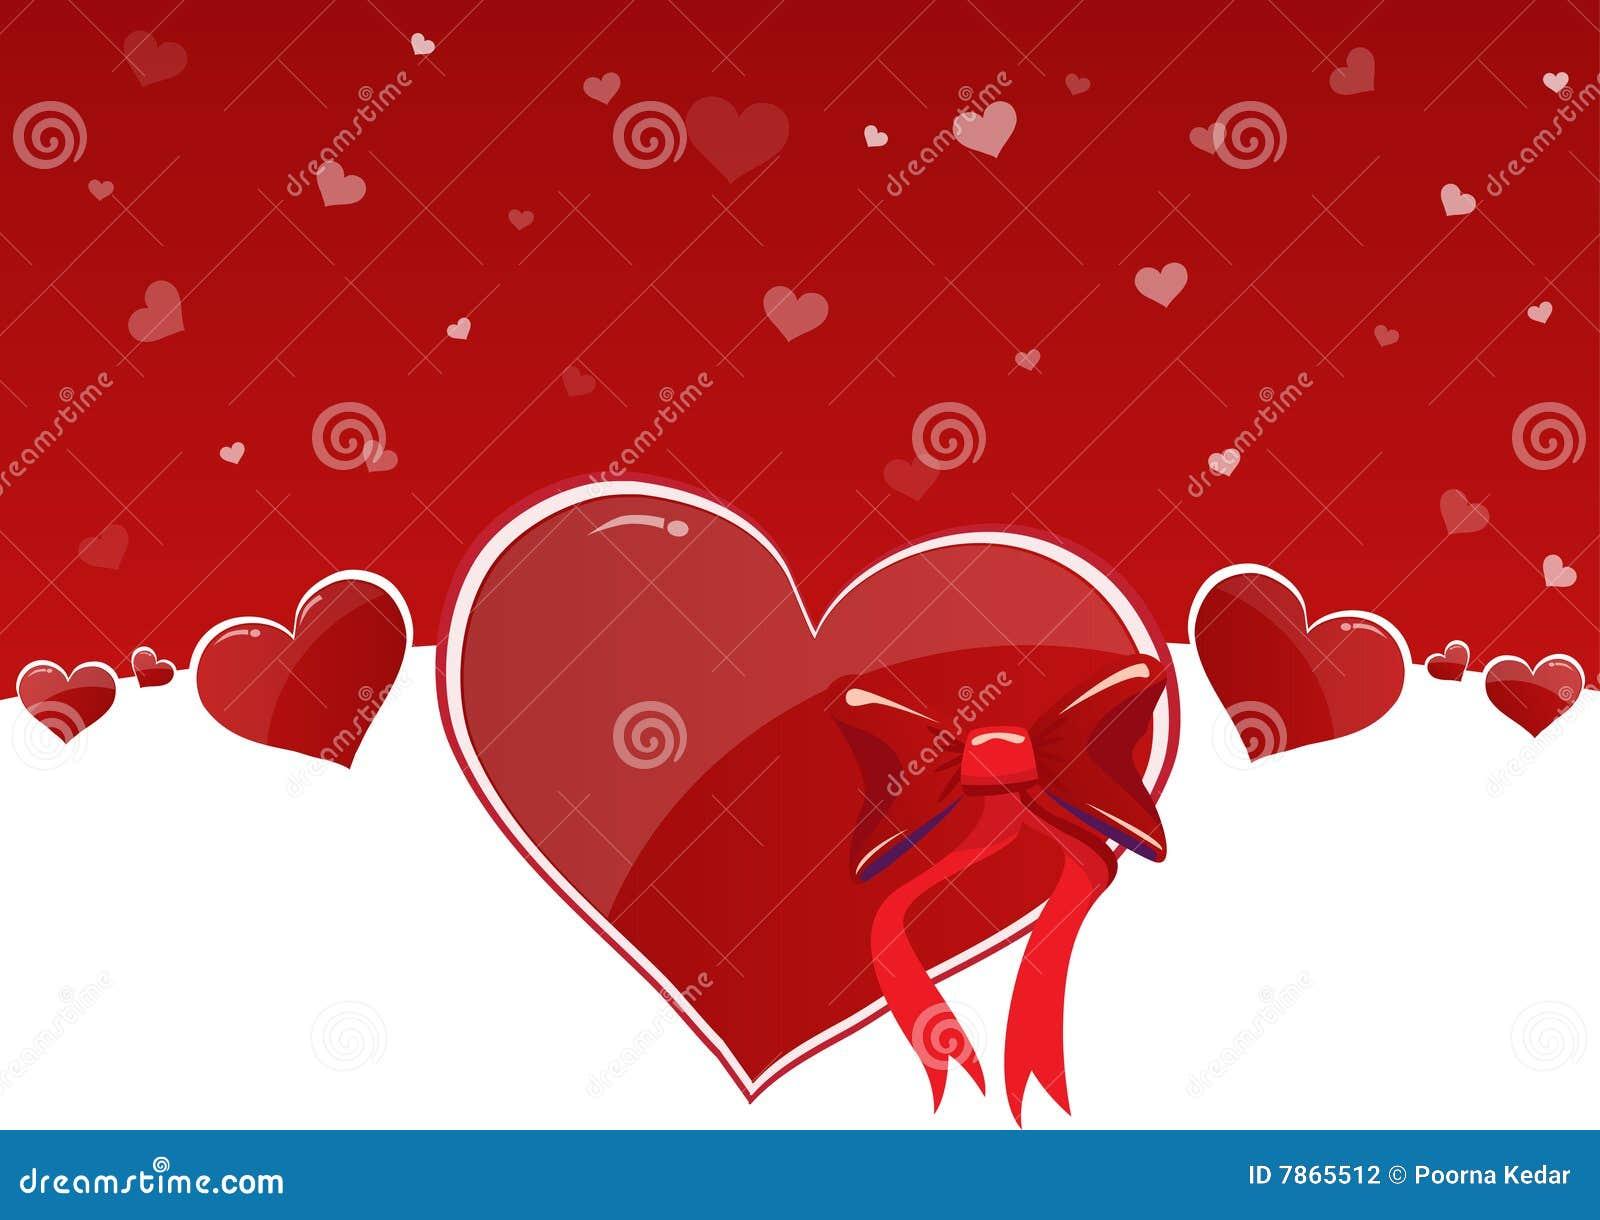 D a de tarjetas del d a de san valent n feliz fotograf a - Postales dia de san valentin ...